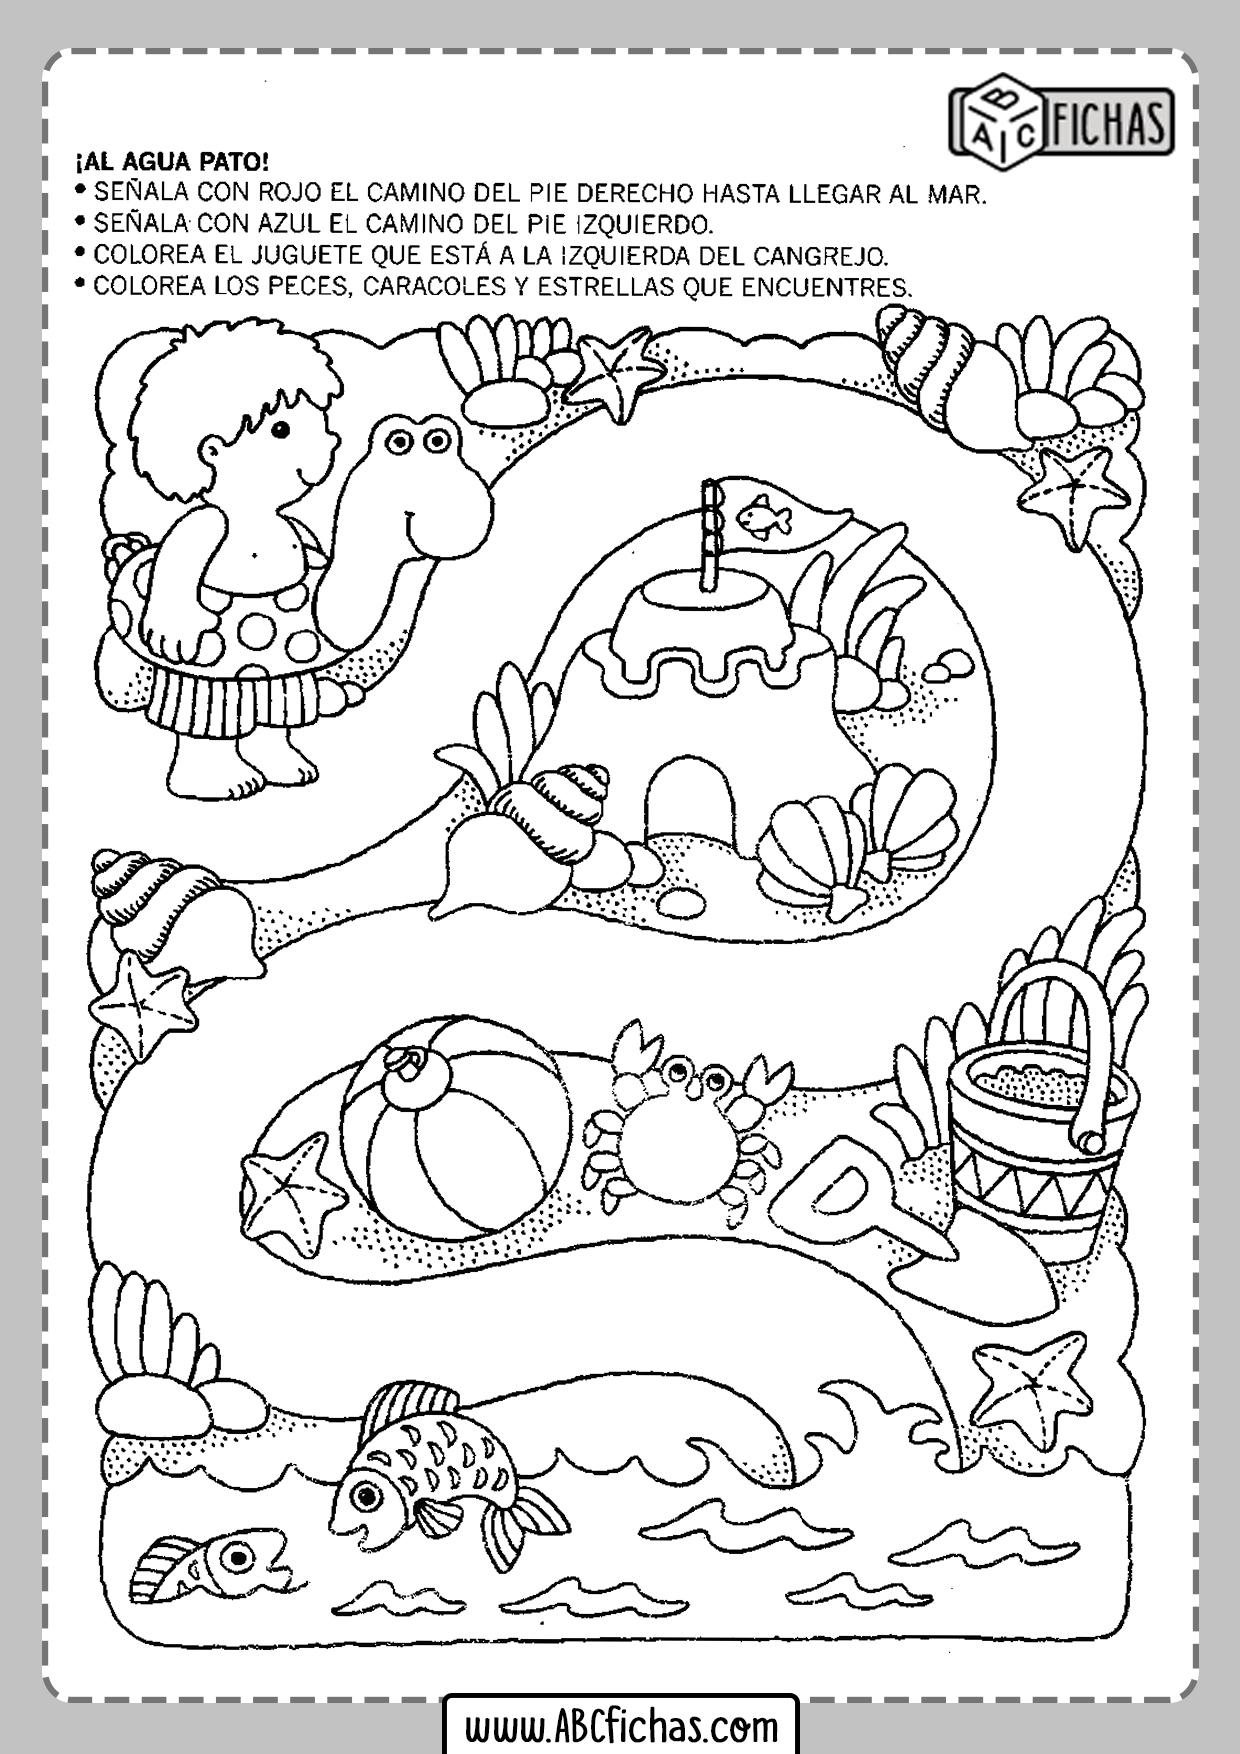 Fichas infantiles para imprimir